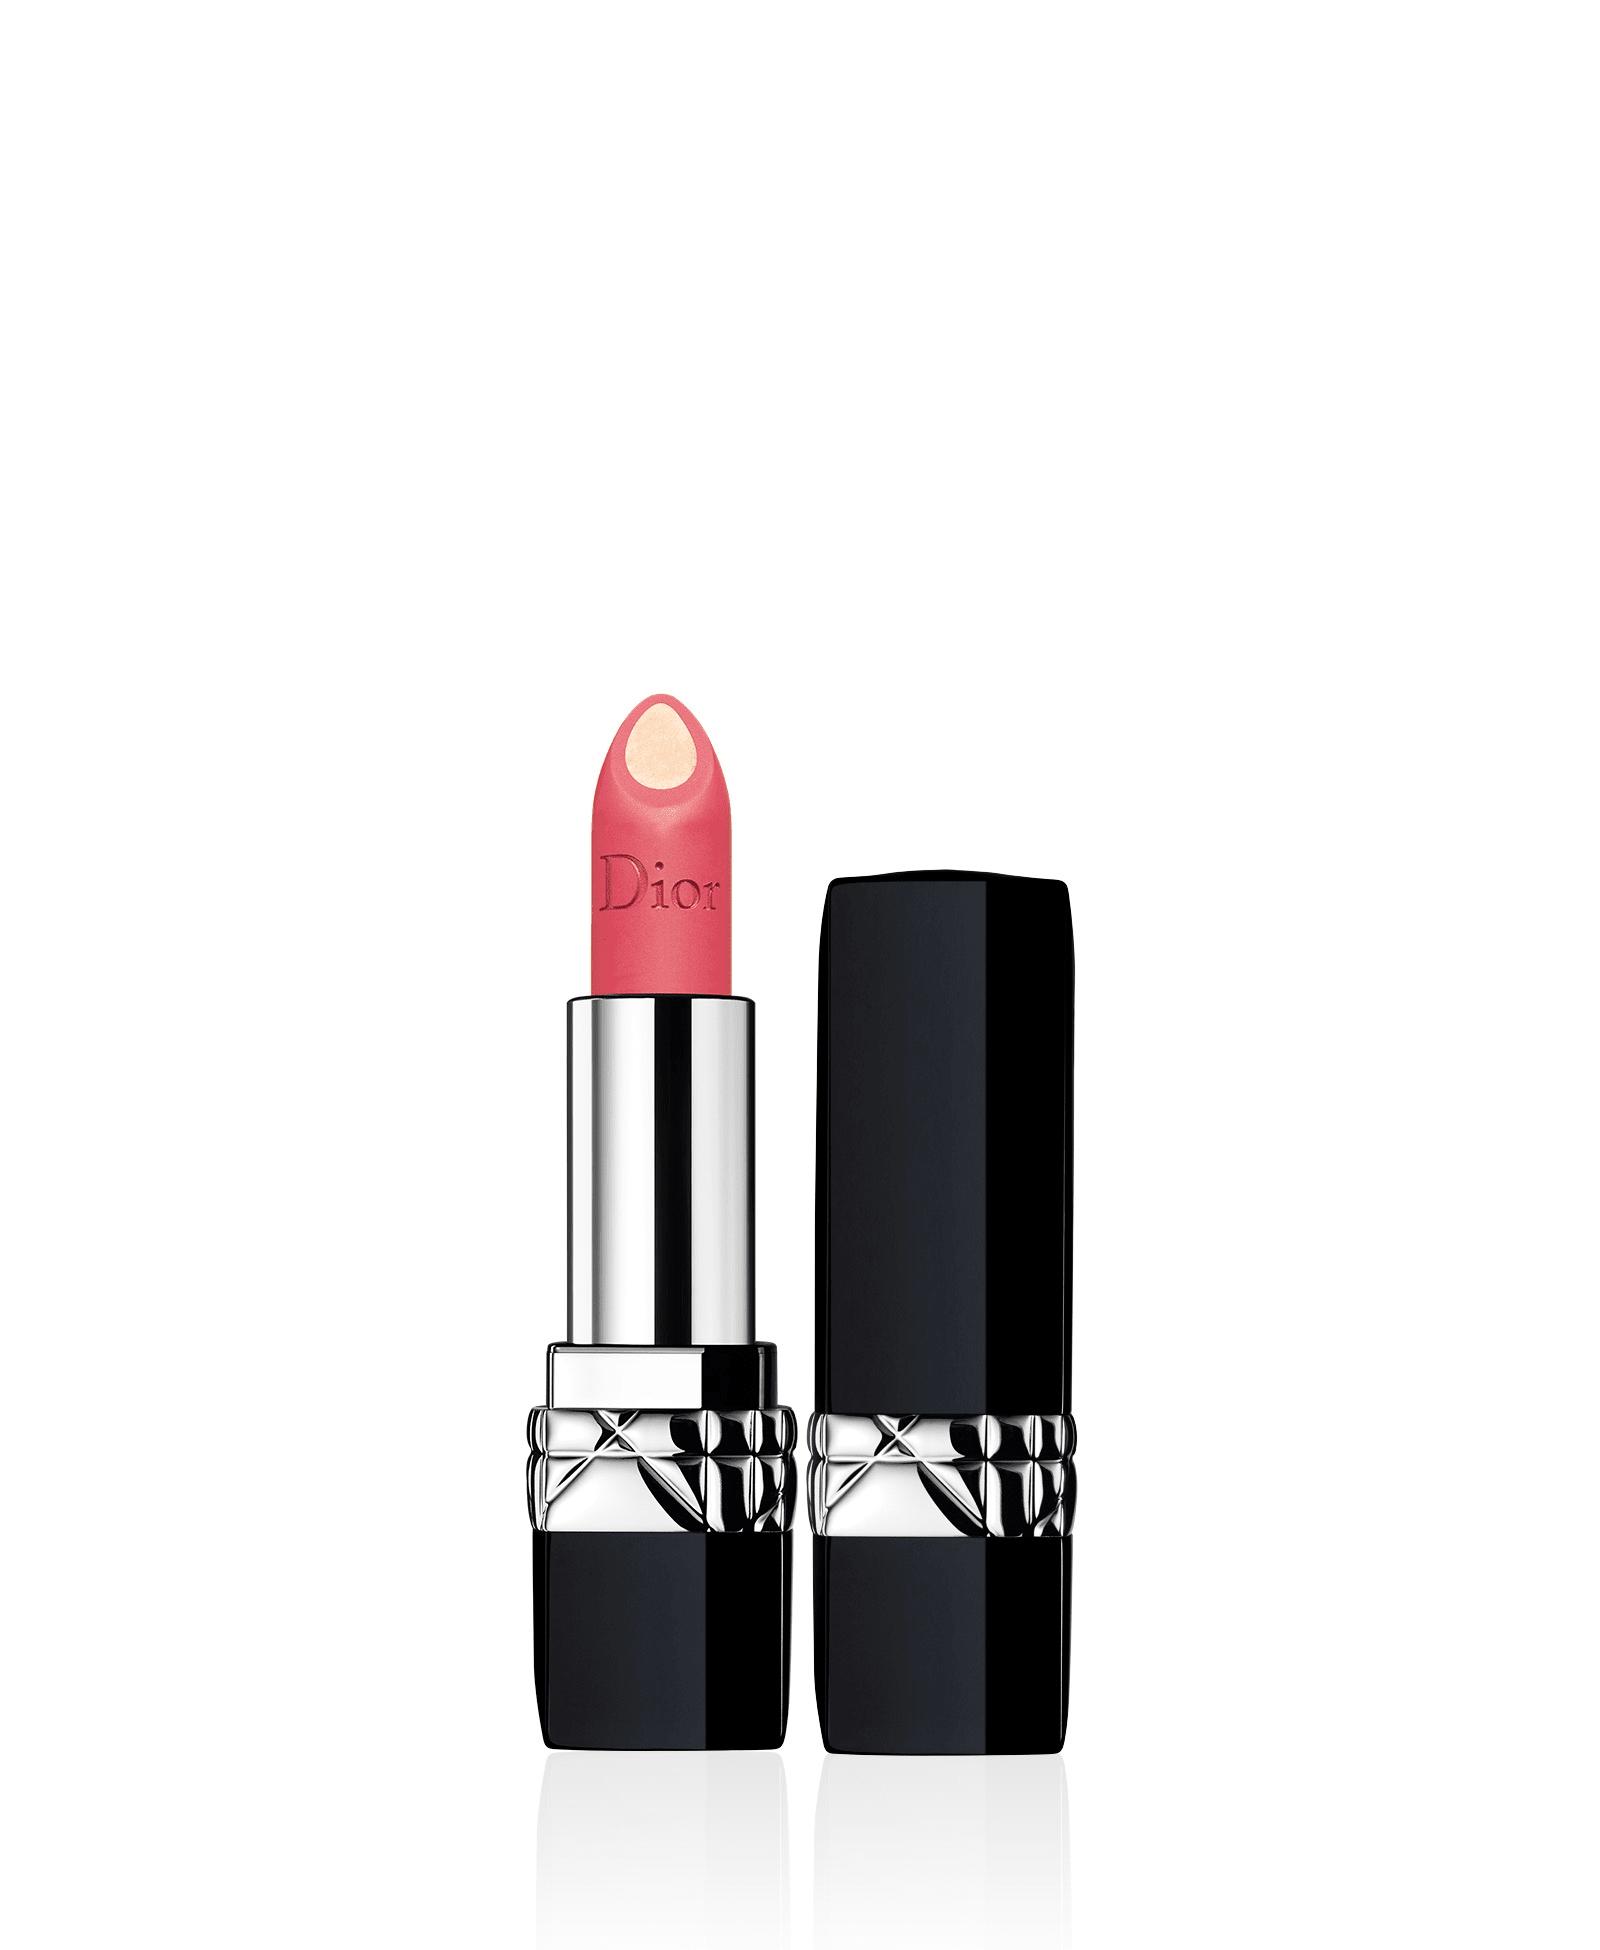 Dior(ディオール) ルージュ ディオール ダブルの商品画像